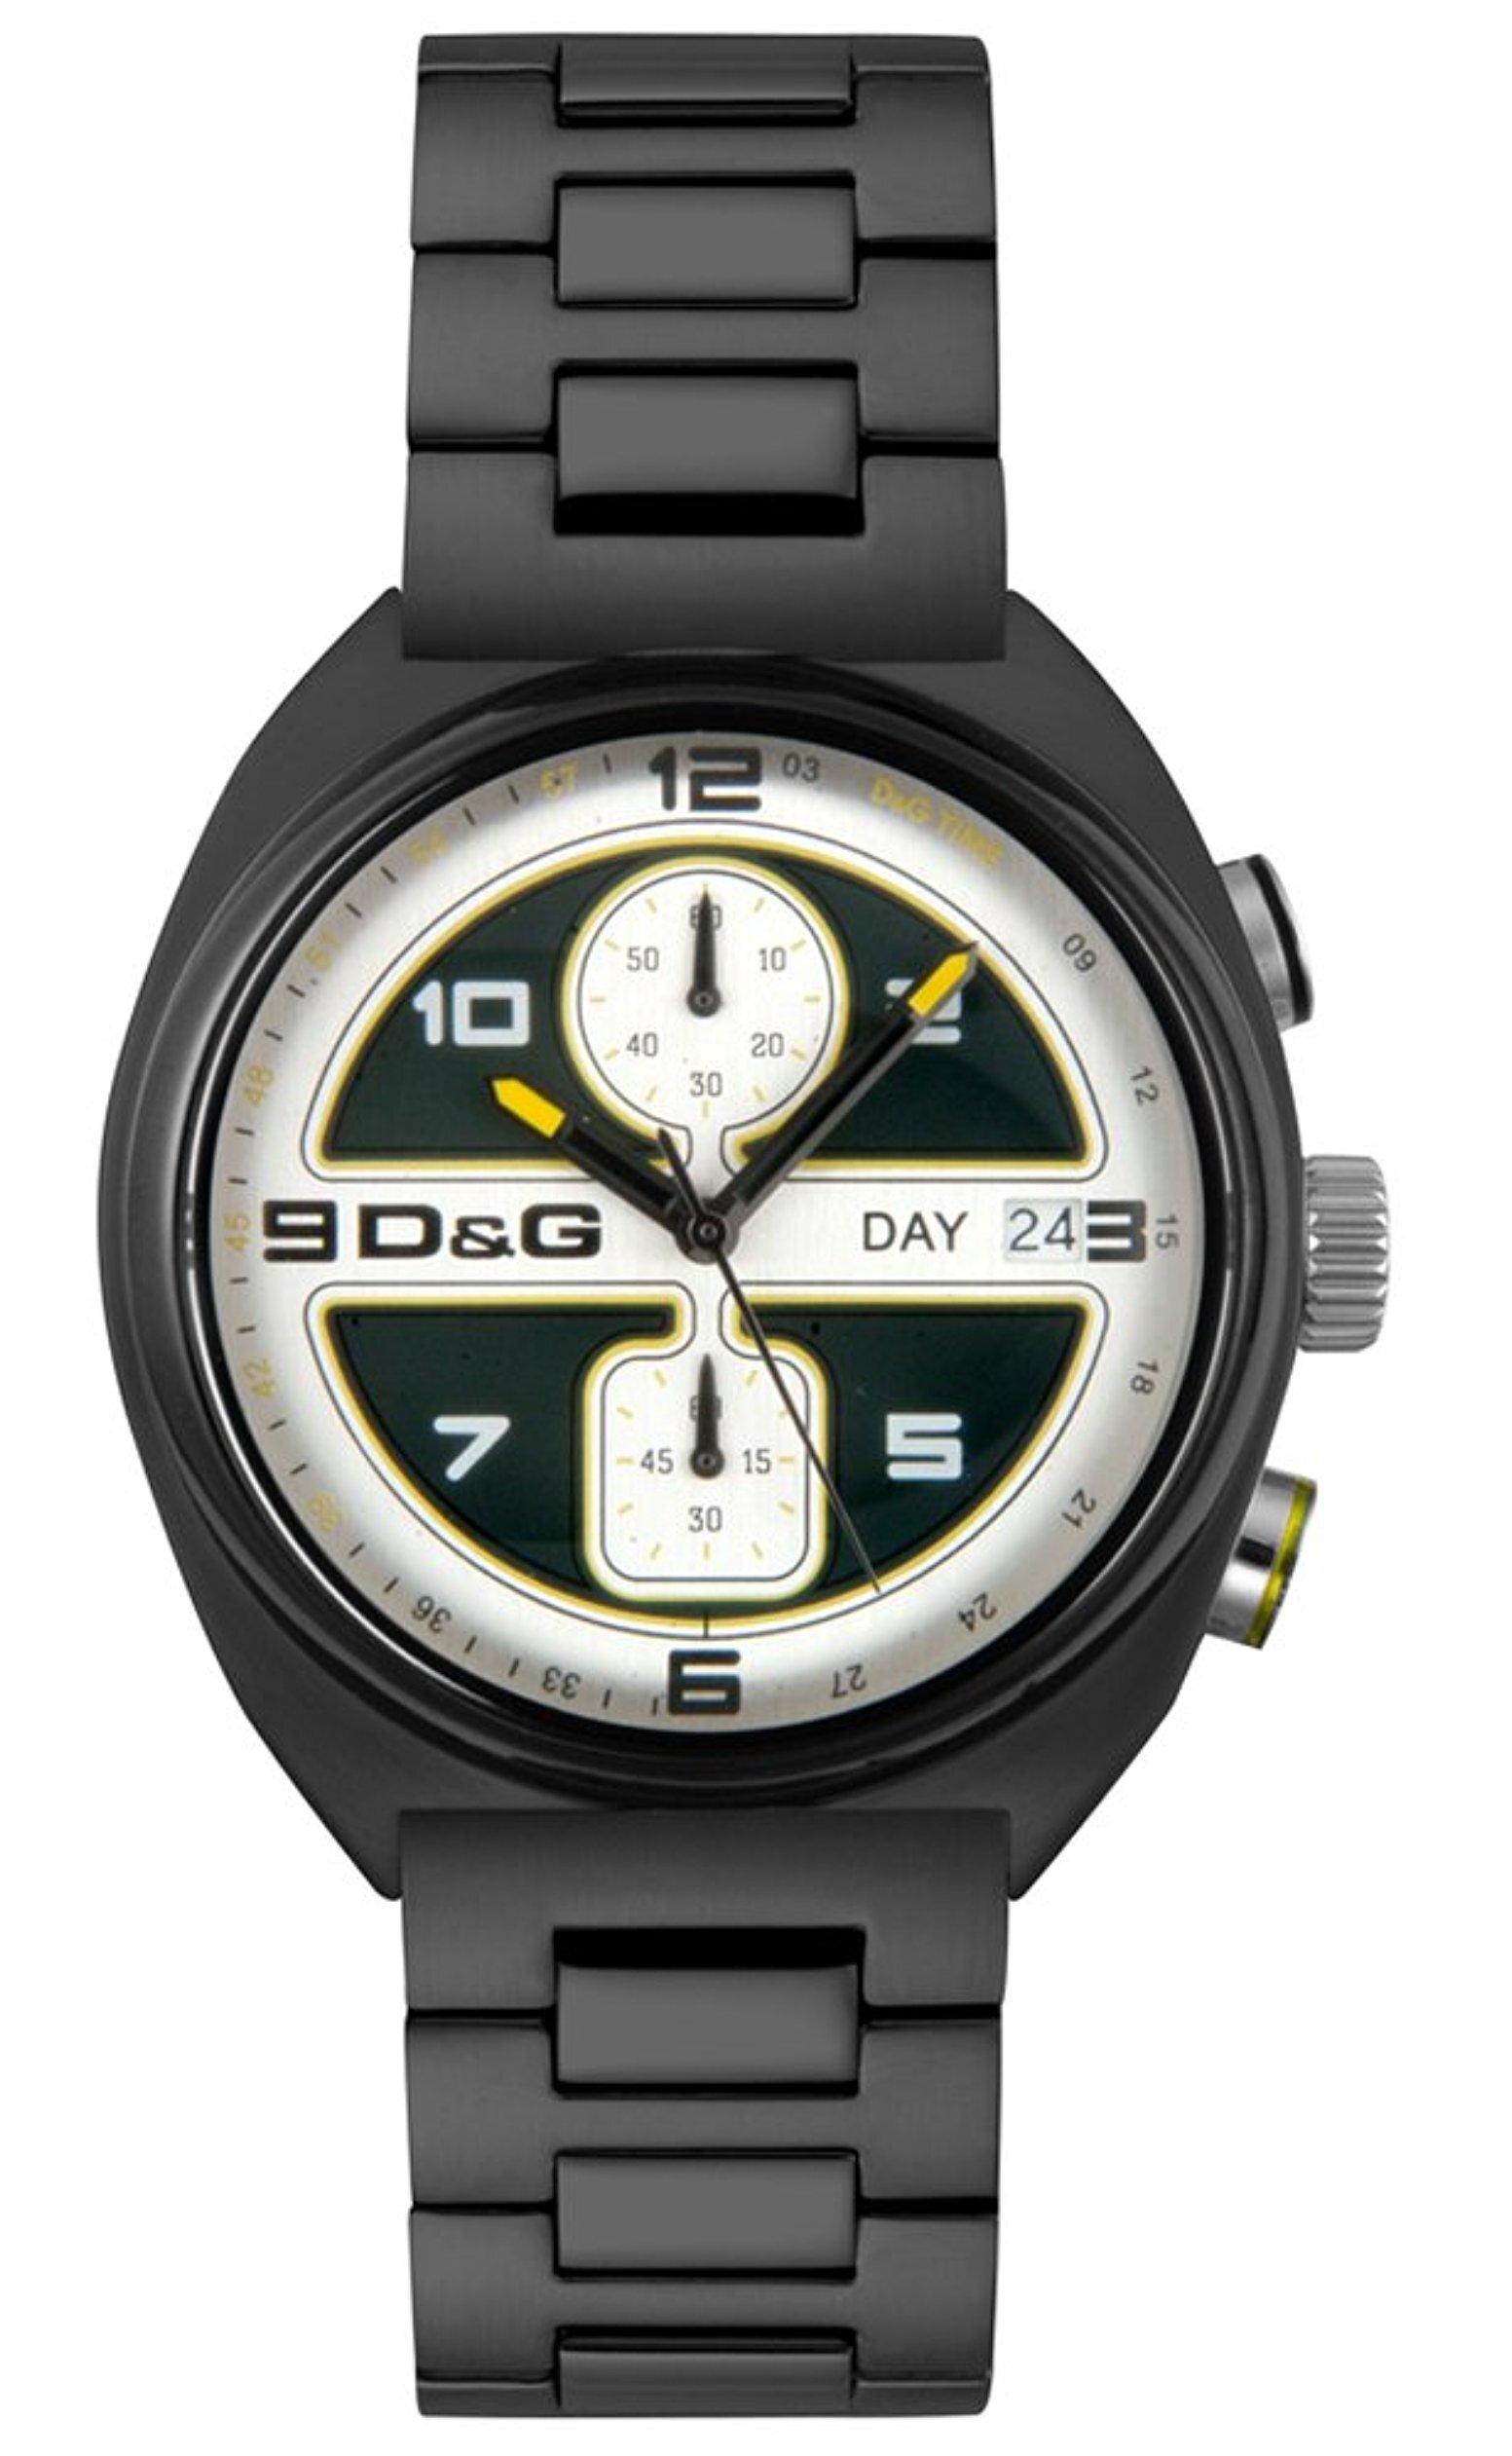 Dolce & Gabbana D&G Song Herrklocka DW0302 Svart/Stål Ø43 mm - Dolce & Gabbana D&G